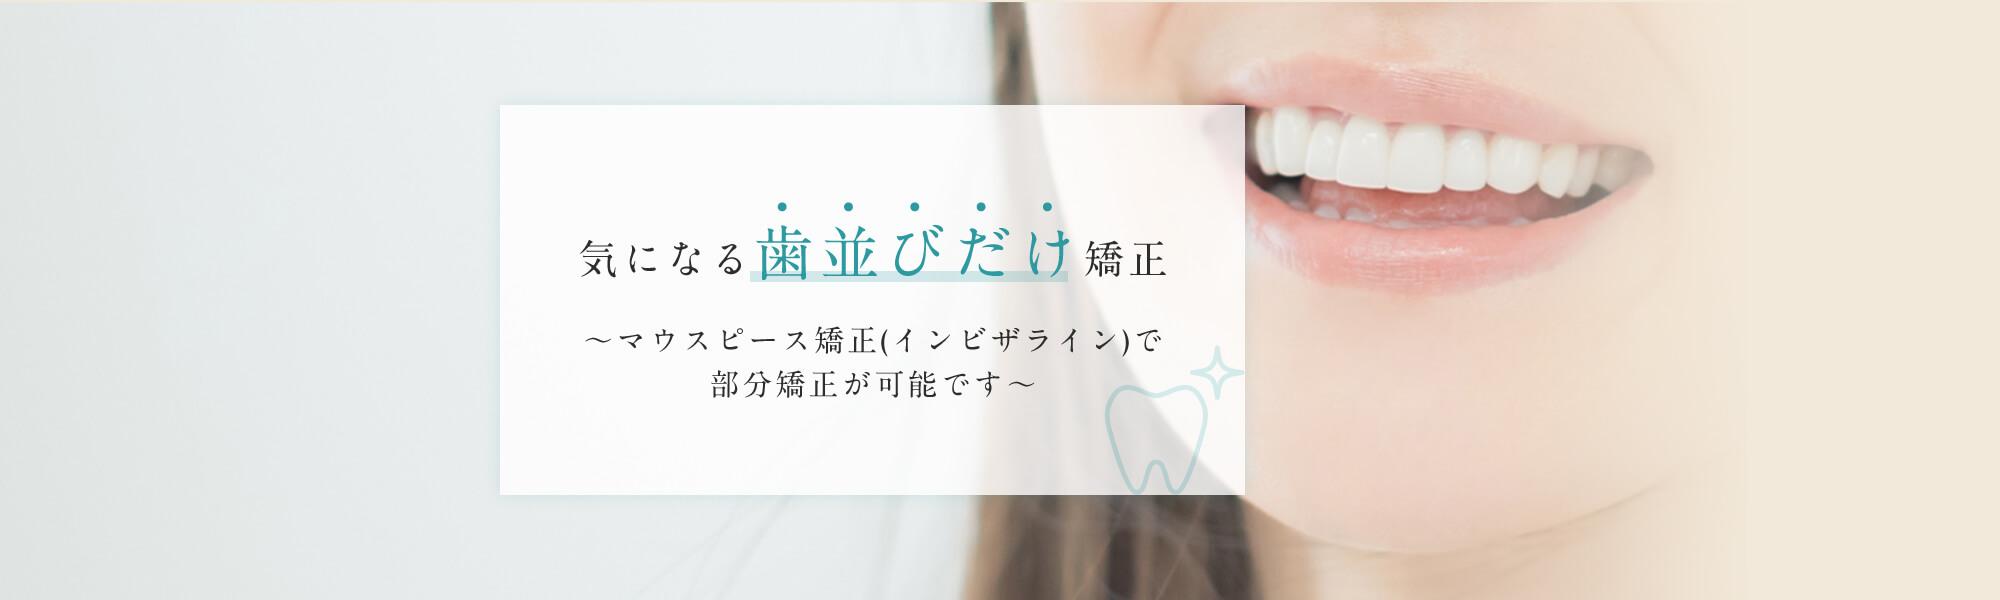 気になる歯並びだけ矯正~マウスピース矯正(インビザライン)で部分矯正が可能です~